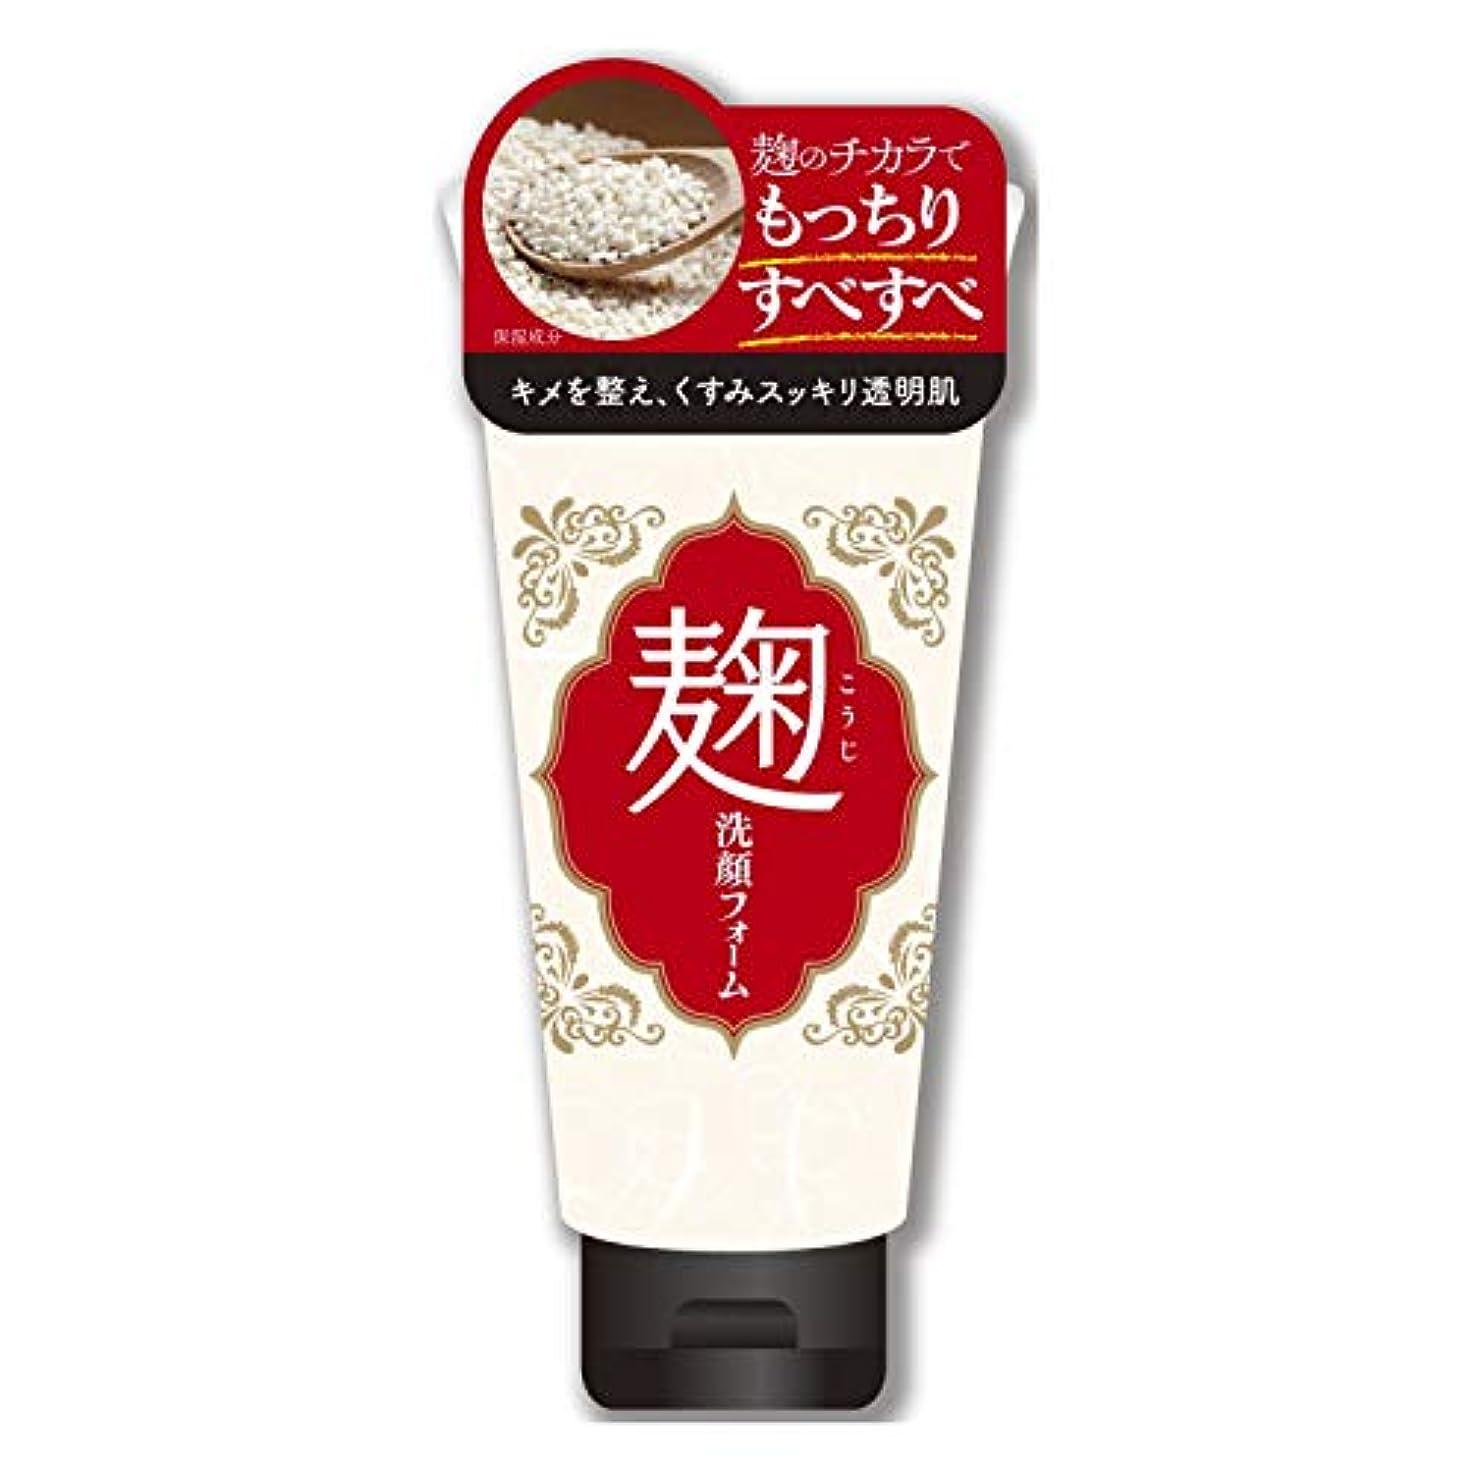 ウェーハボアアクティブユゼ 麹配合美肌洗顔フォーム 130g